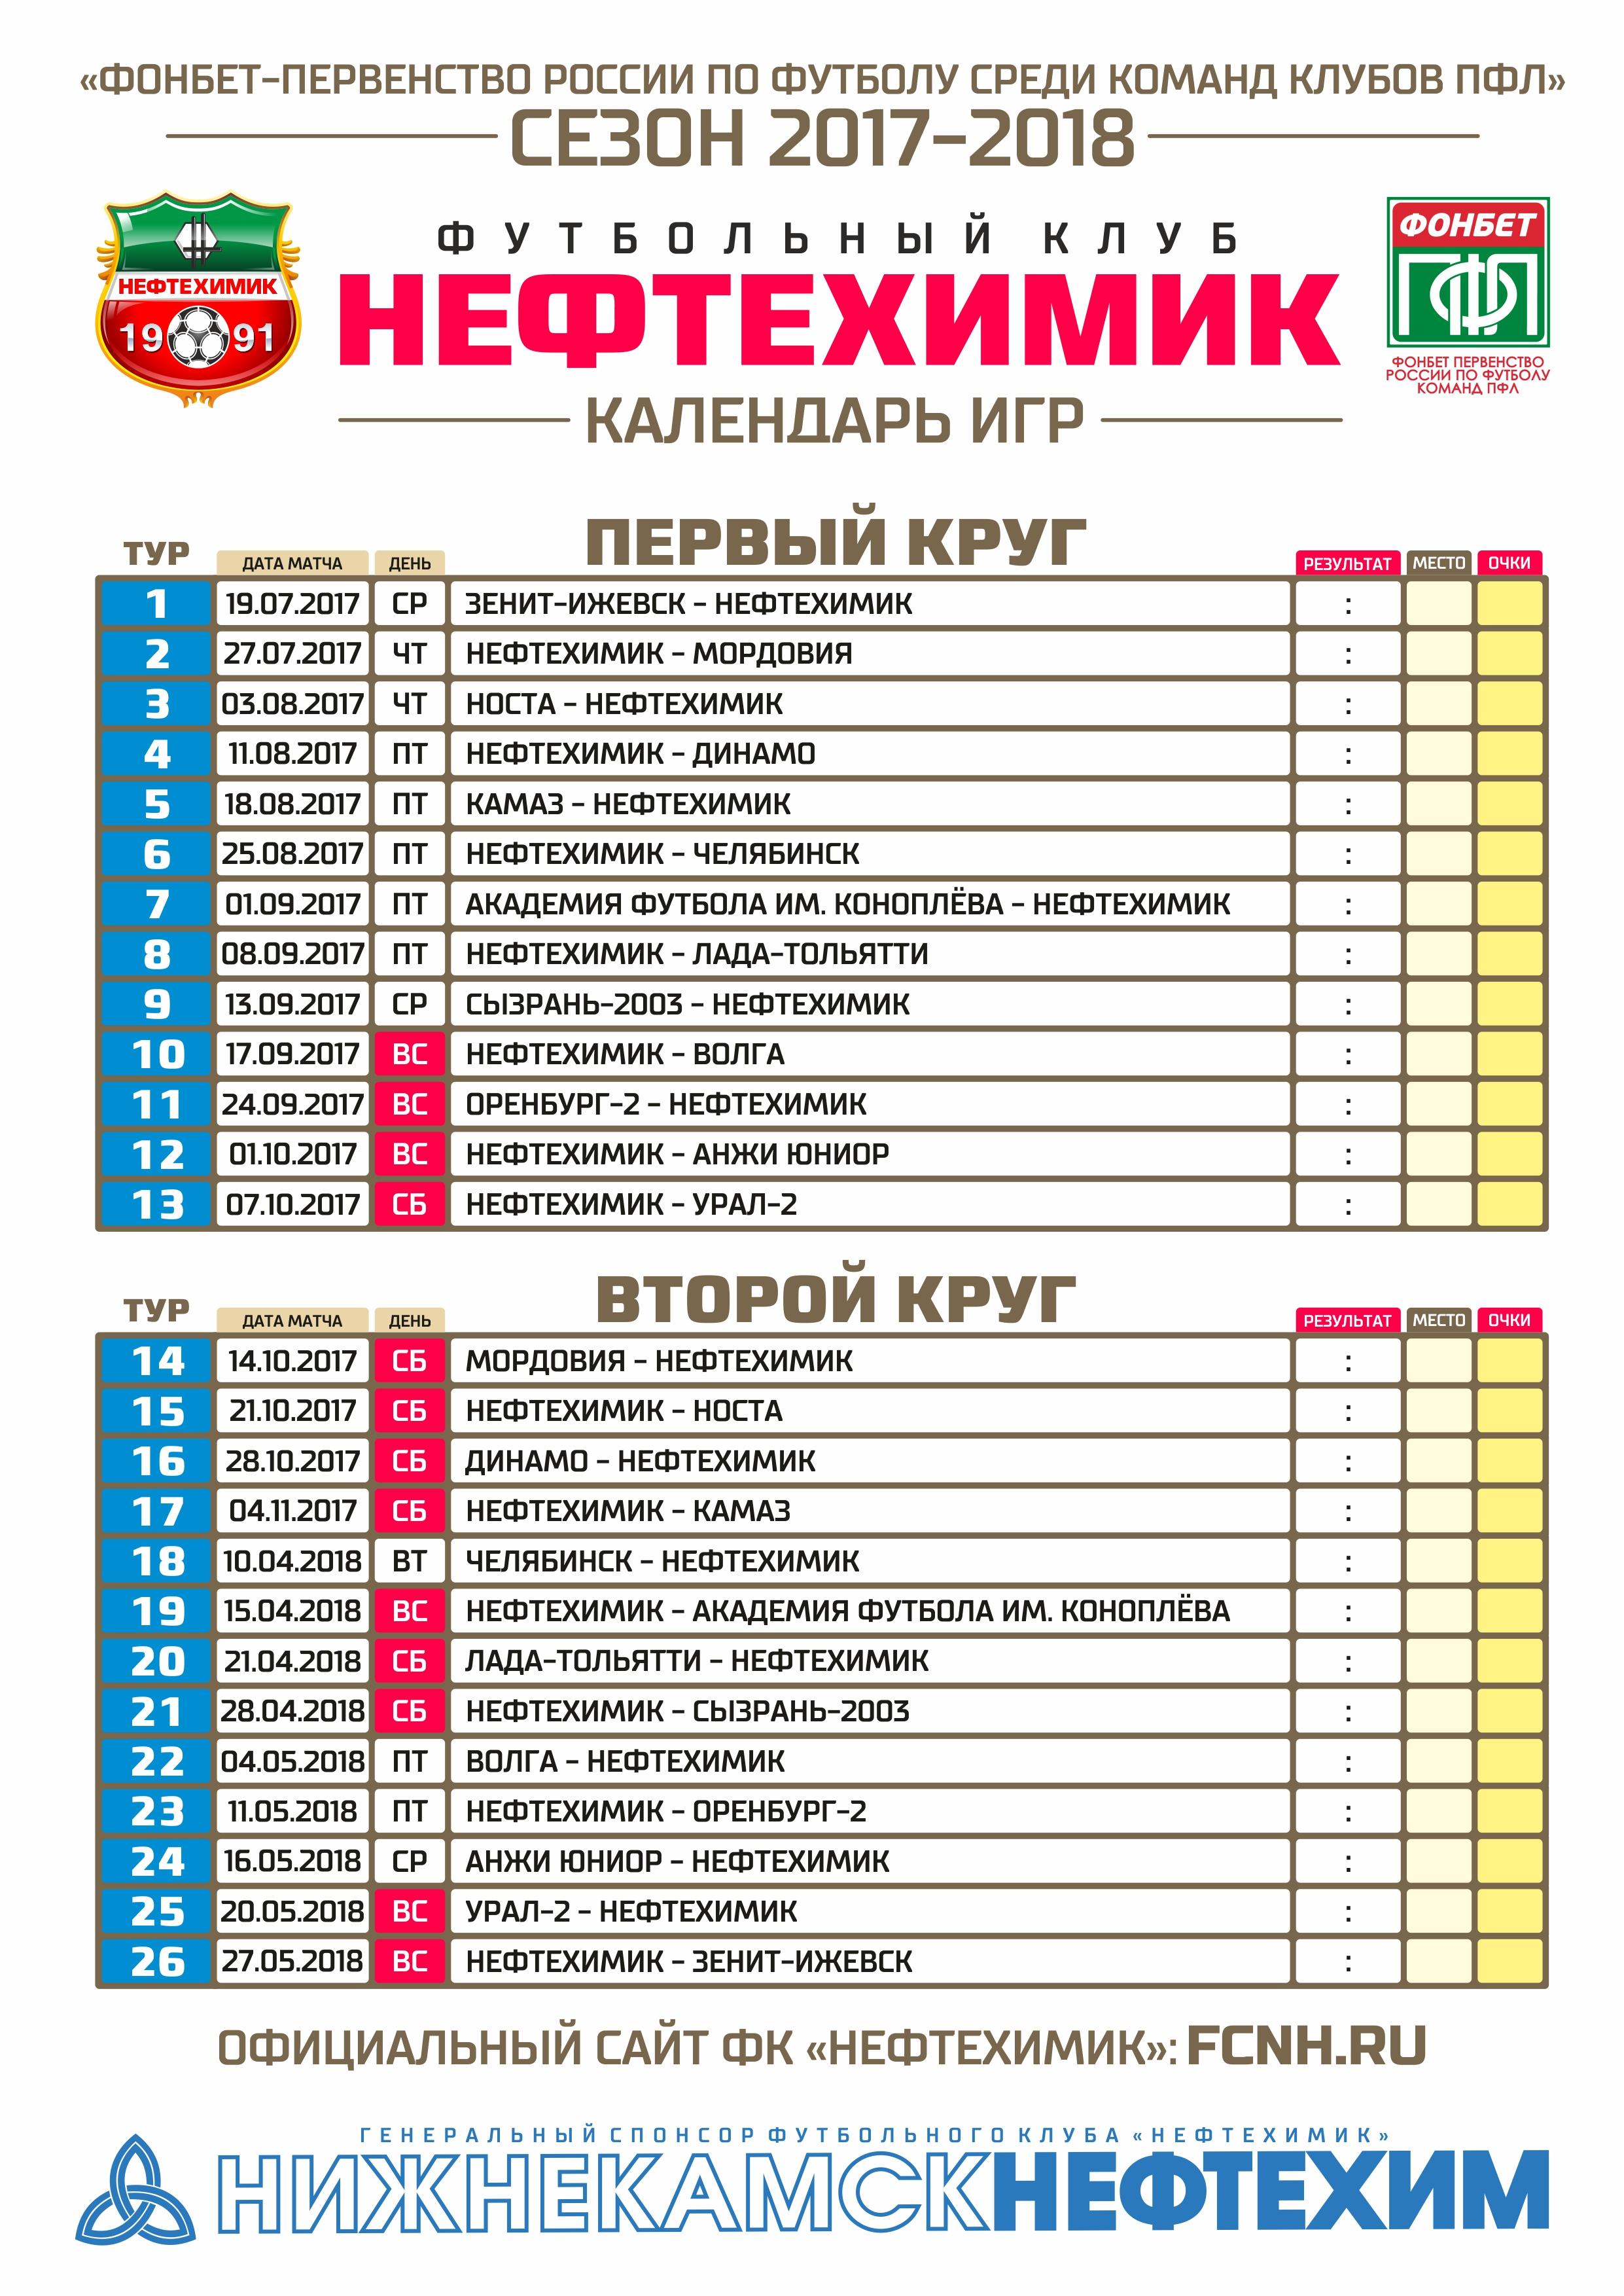 ЕГЭ по русскому языку 2018 изменения,последние новости, новое